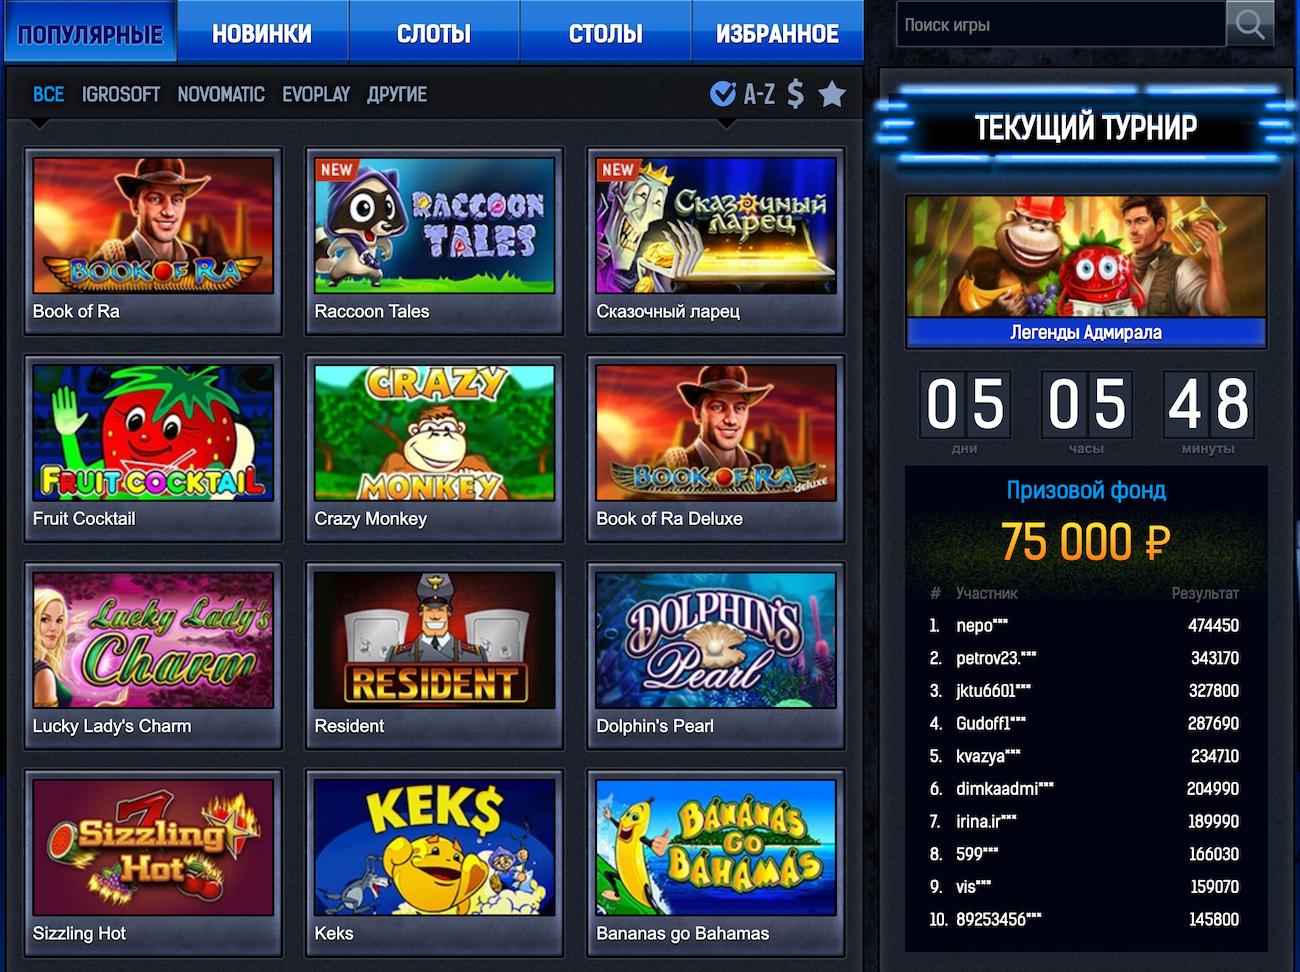 Контакты игровые аппараты играть бесплатно и без регистрации видеочат эро рулетка онлайн